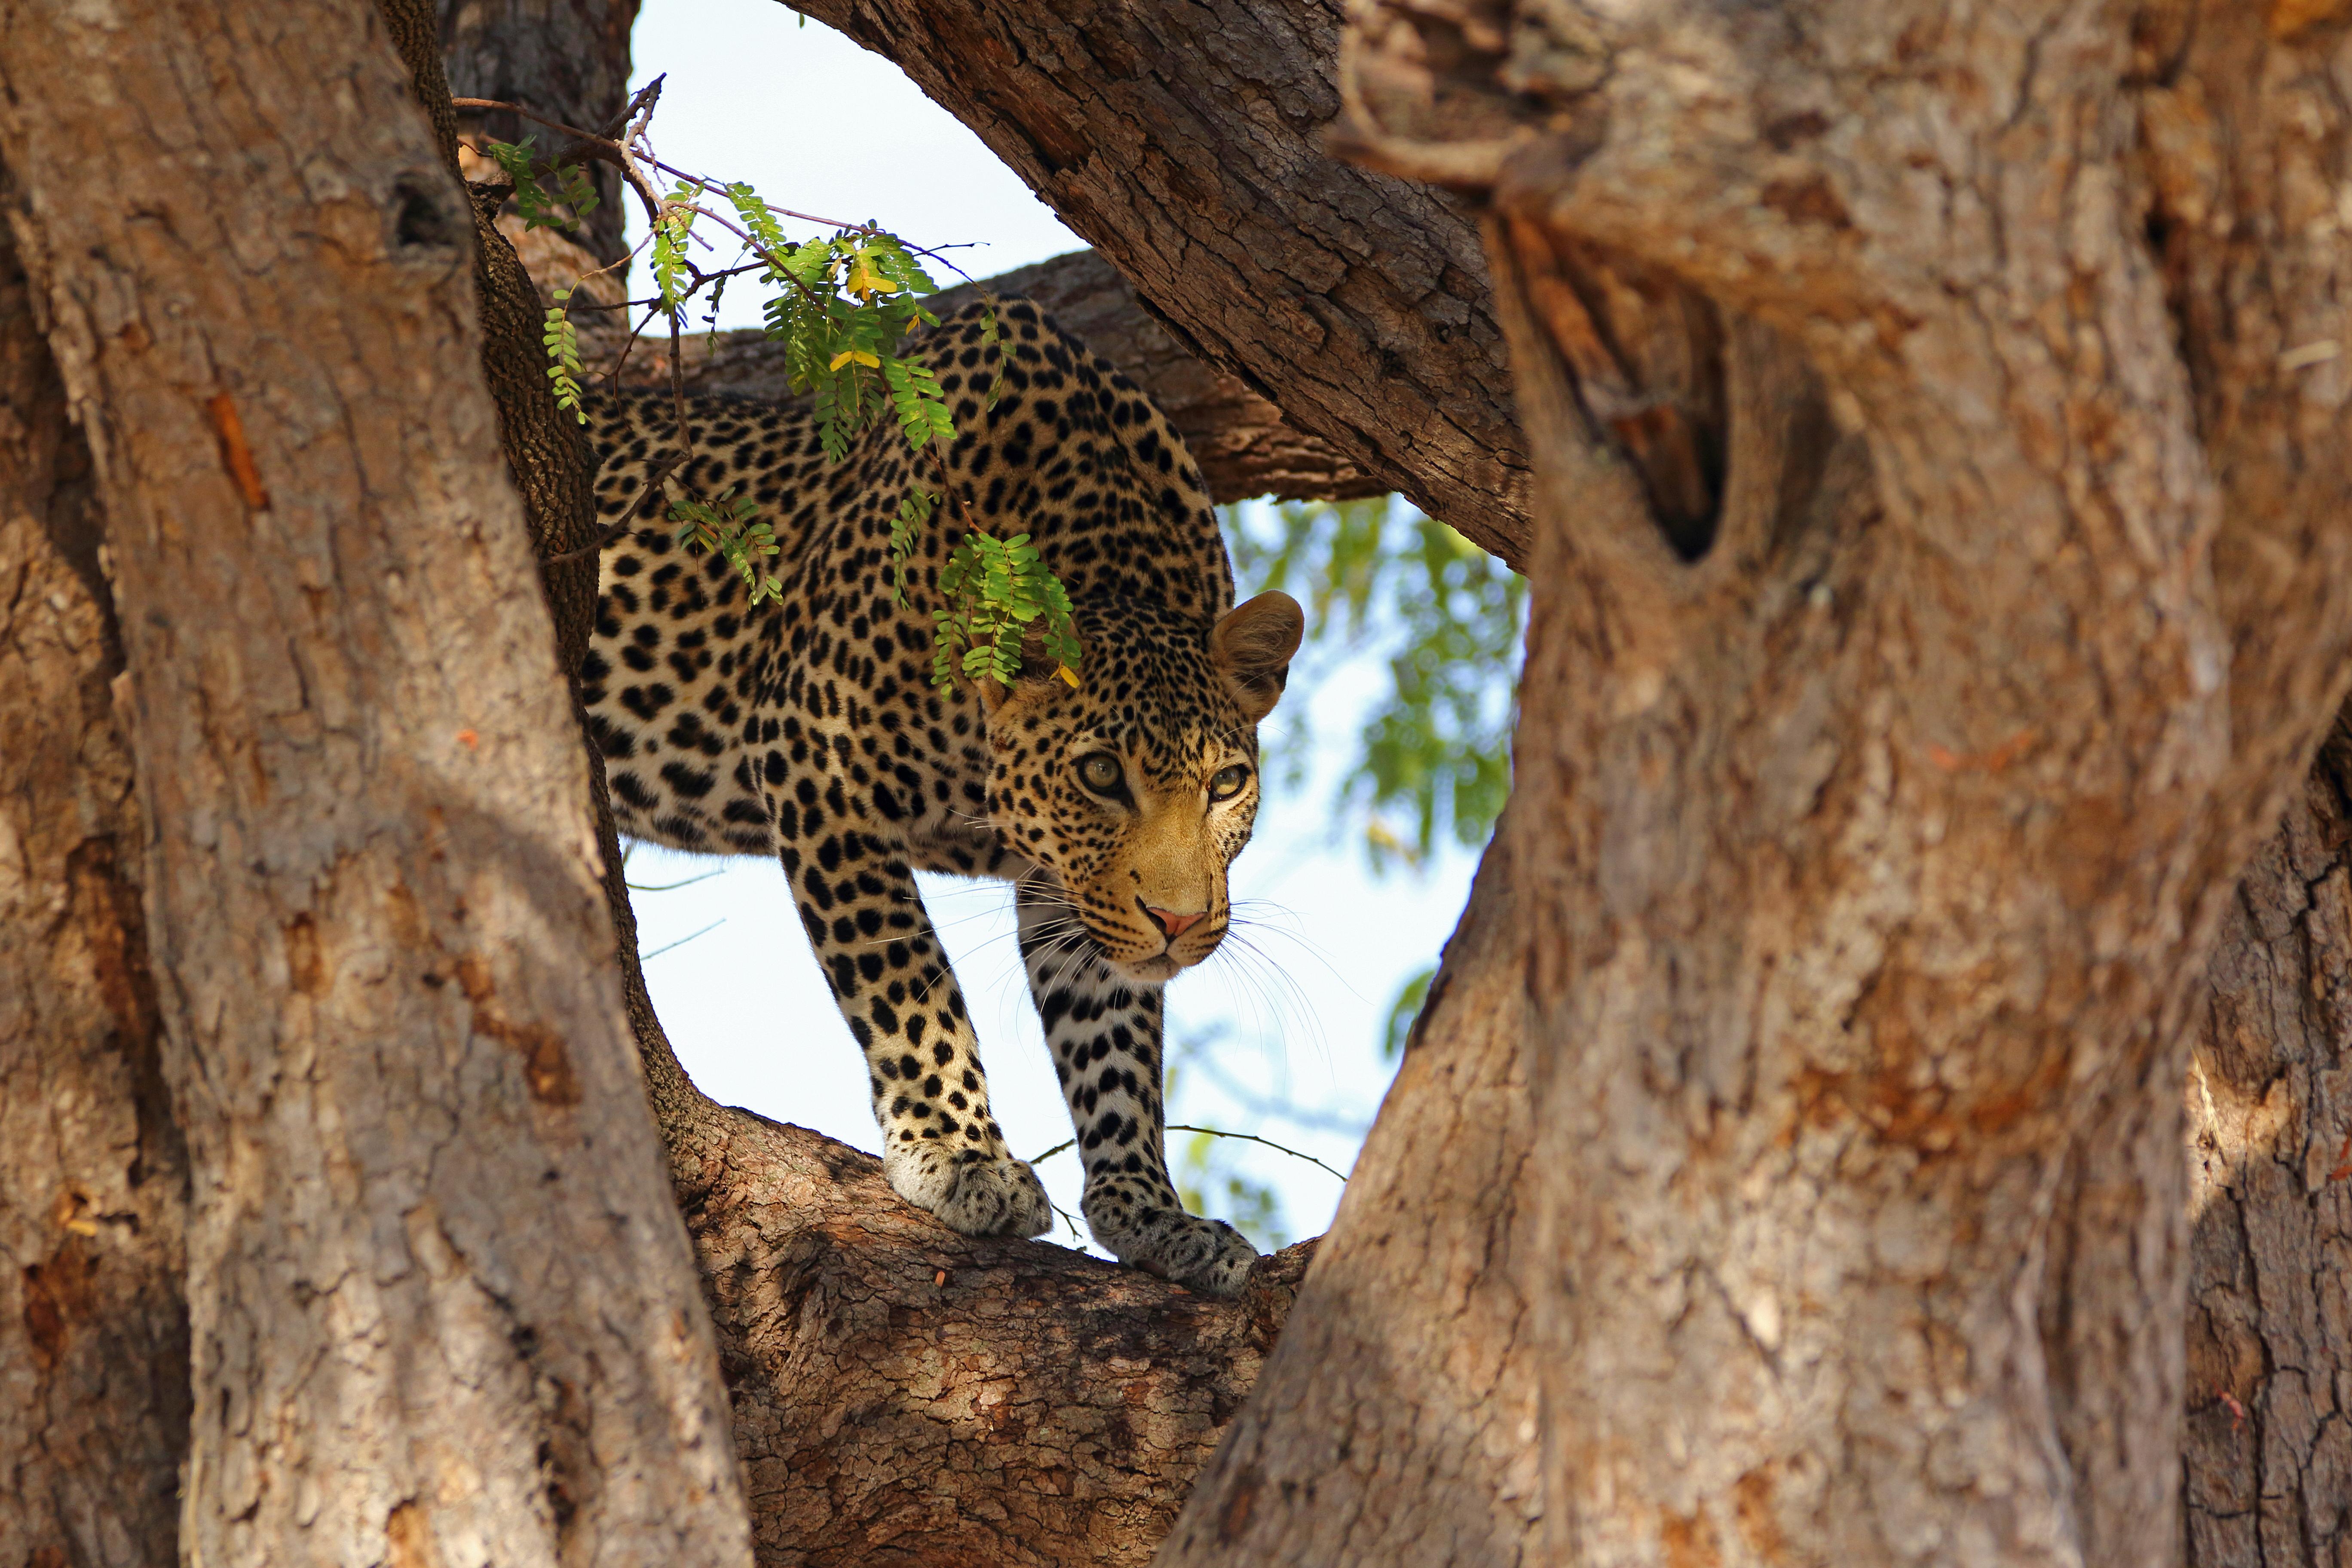 Leopard hidding in a tree